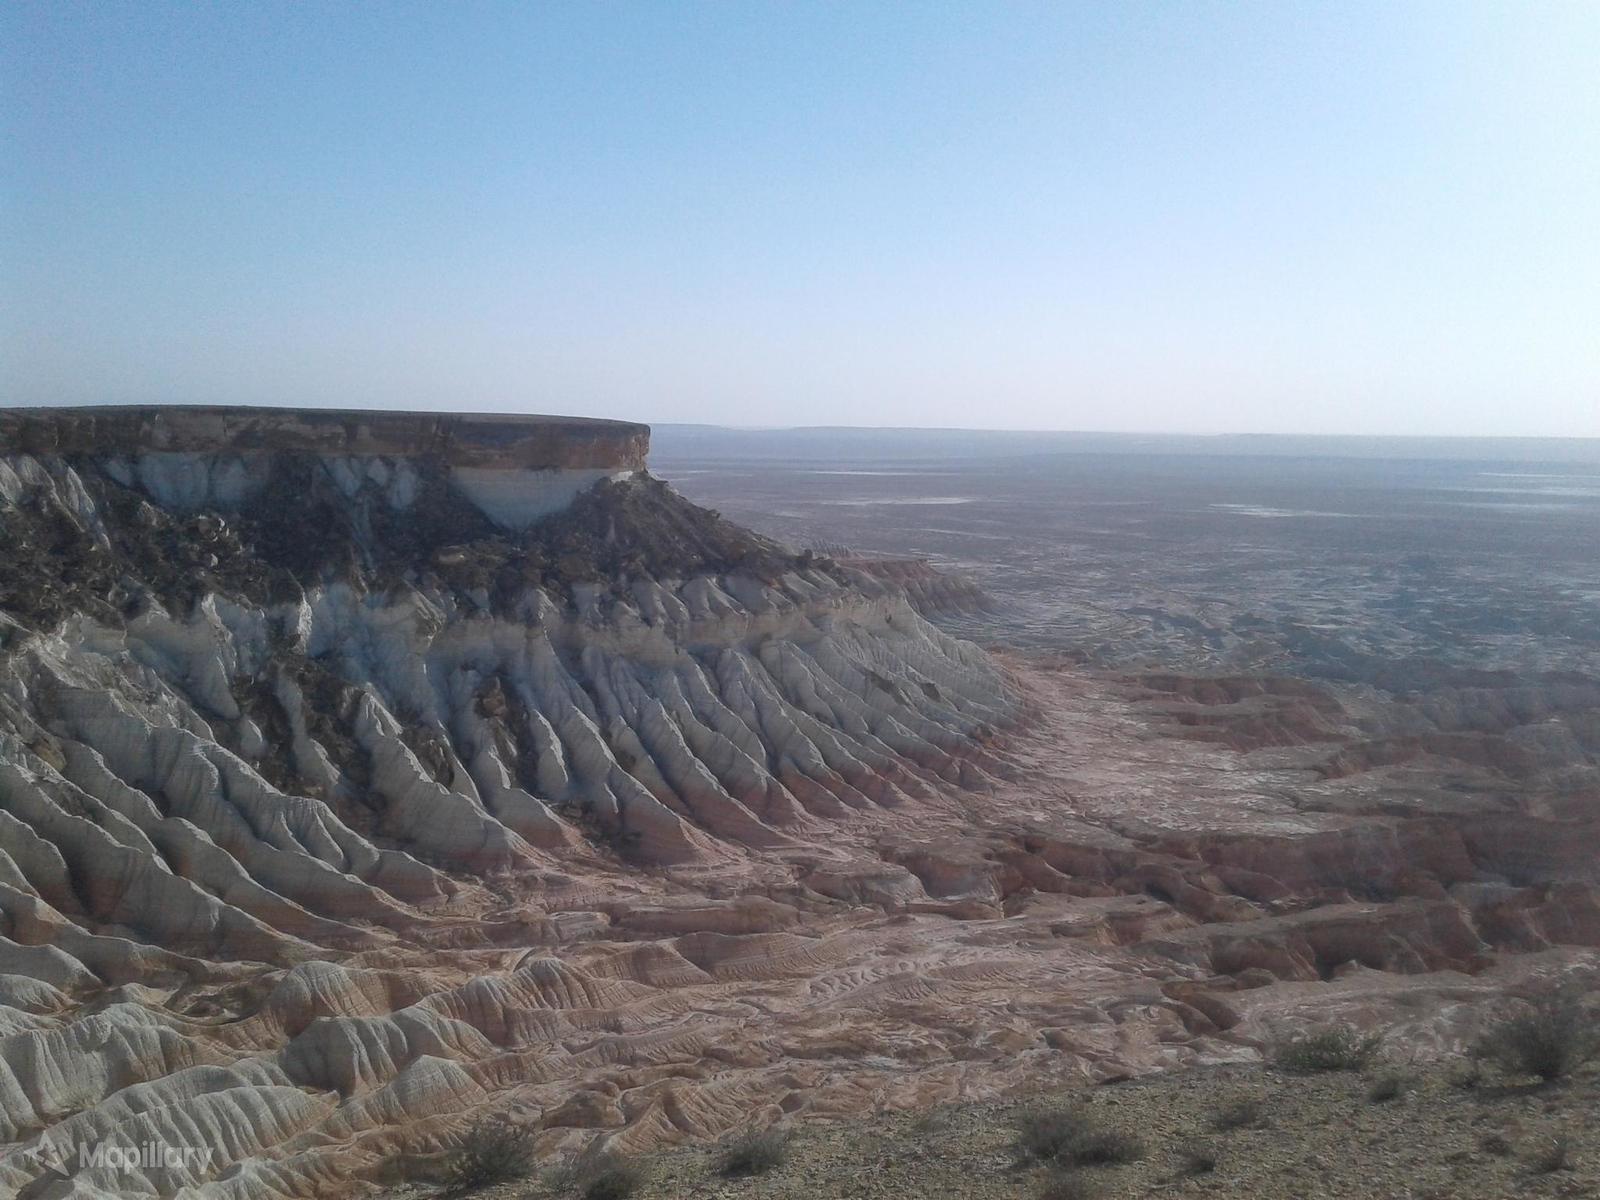 Yangy Kala Canyon